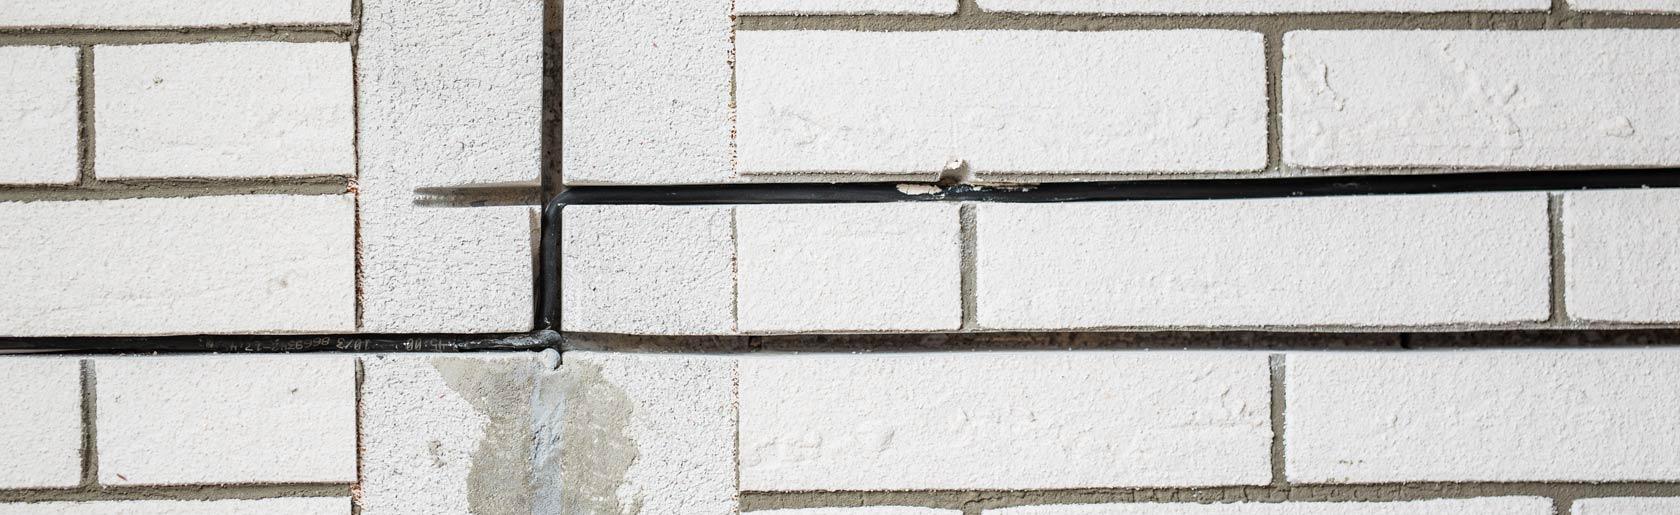 Wie Salzausblühungen Und Schimmel Von Wänden Und Mauerwerk Entfernen?